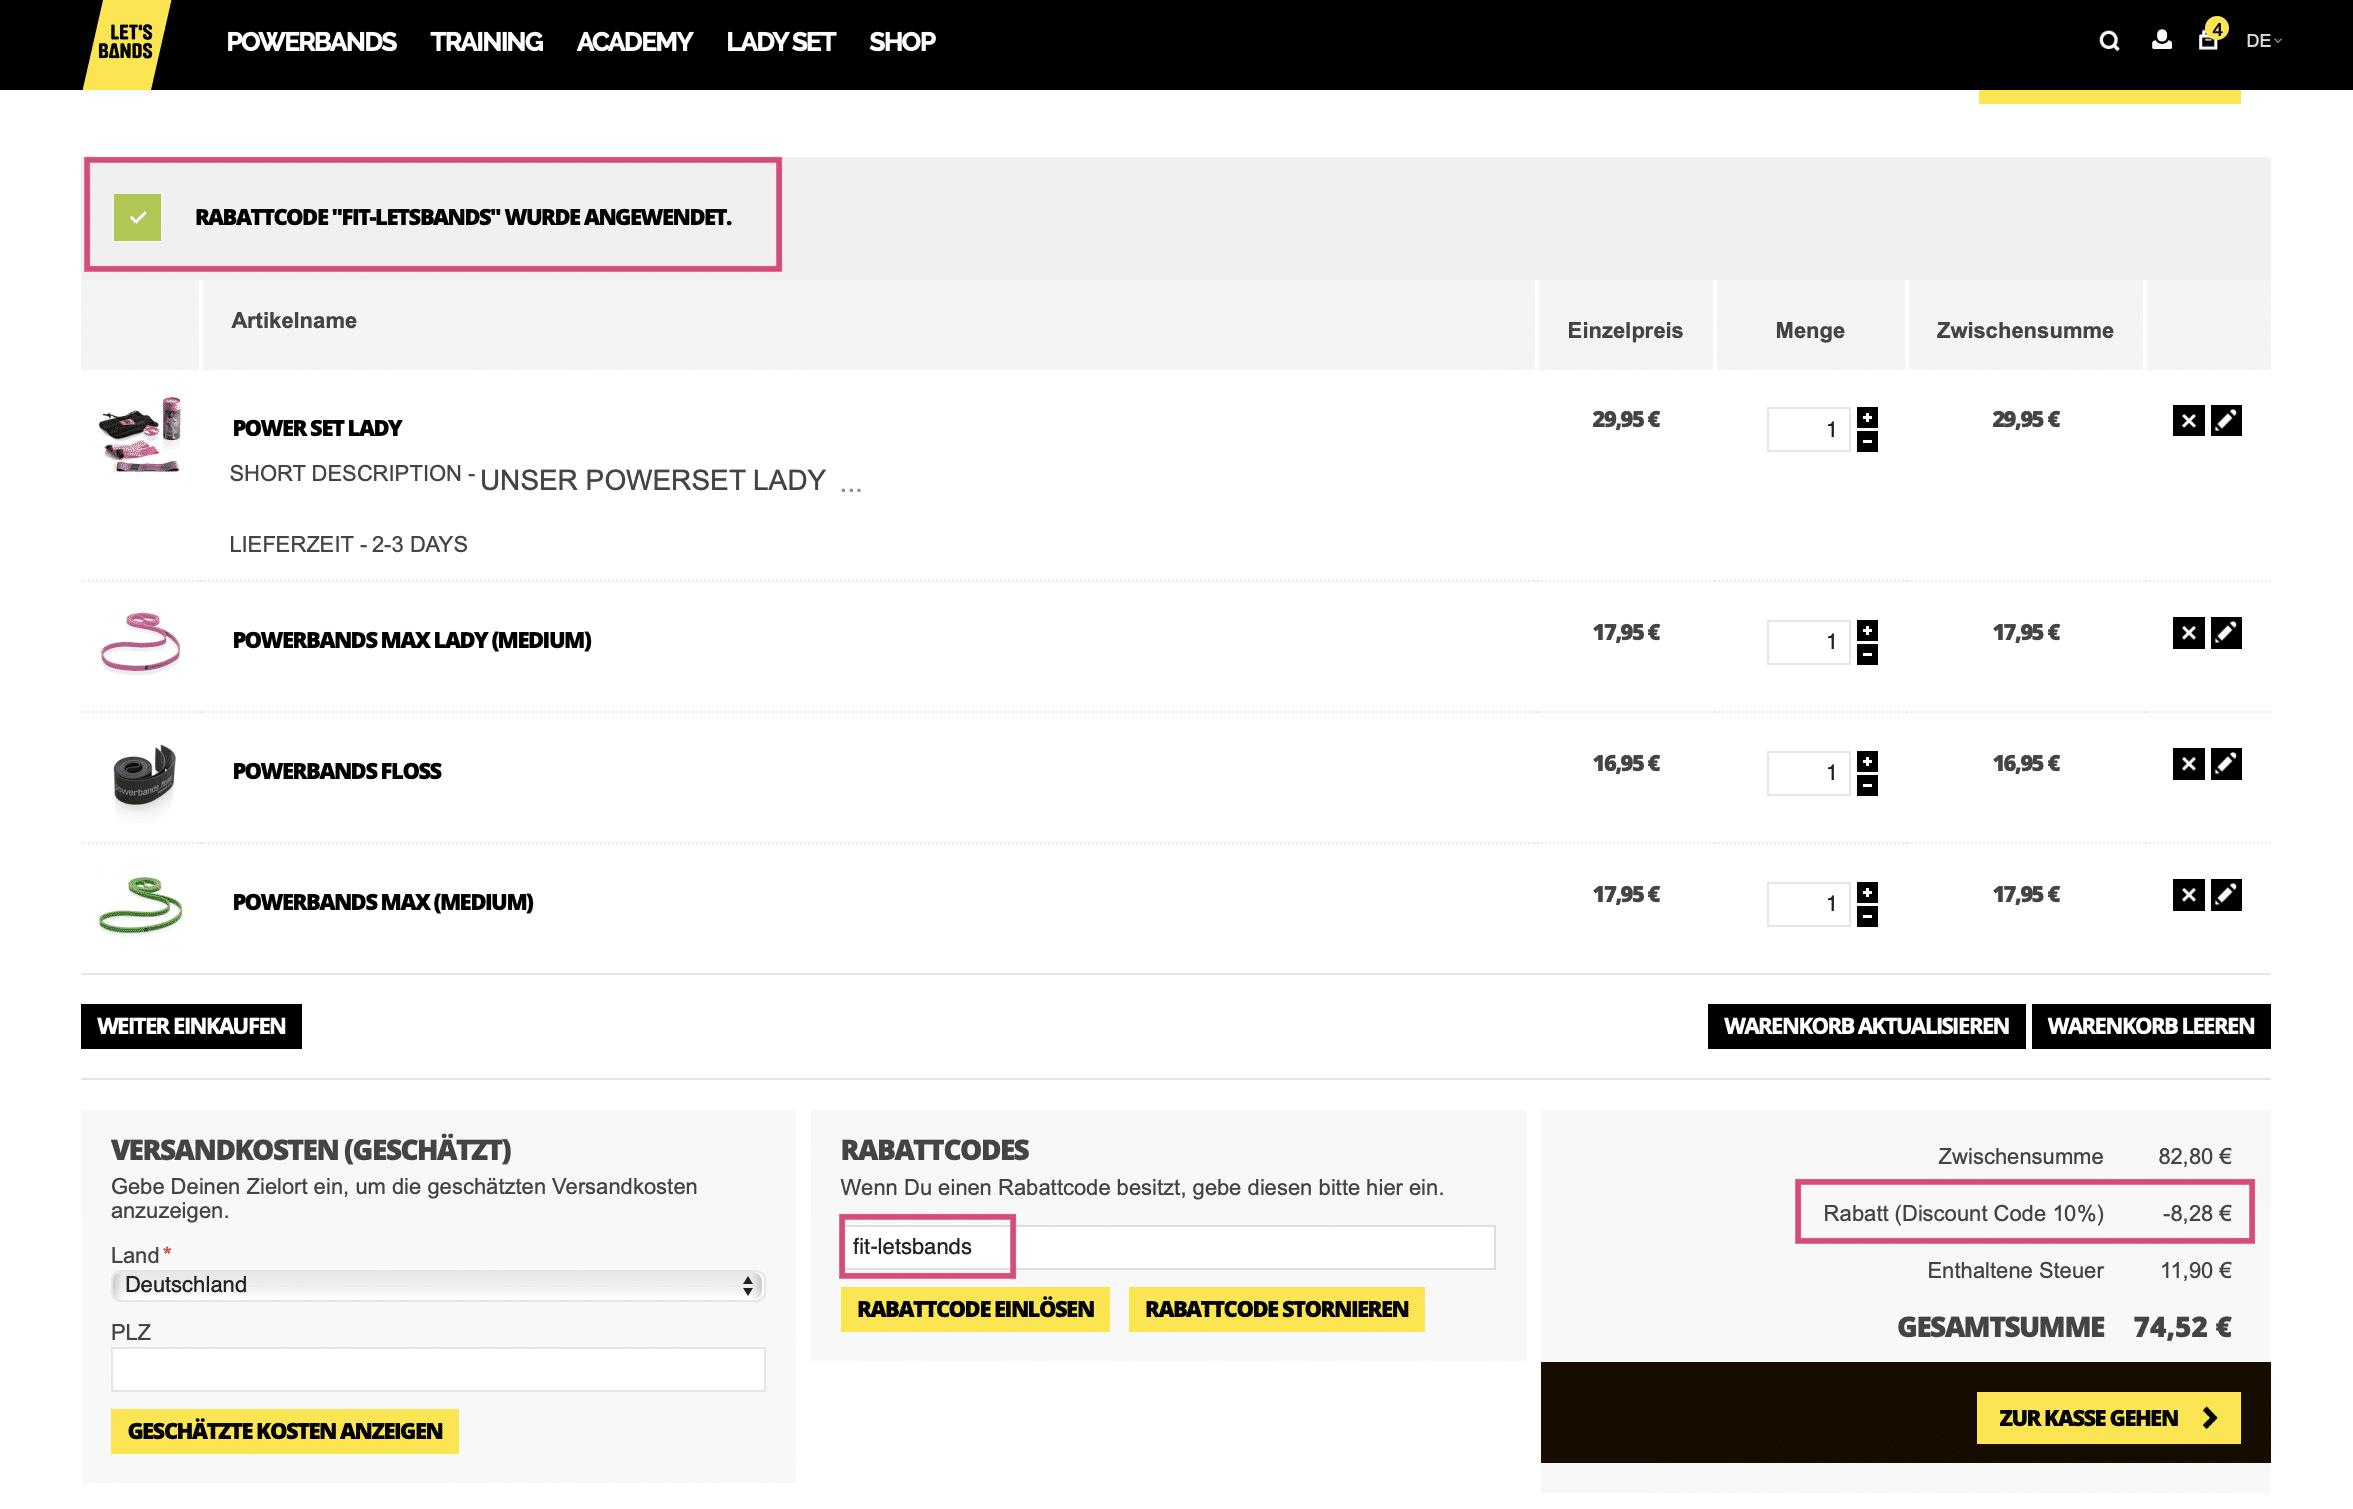 """#LETSBANDS #Powerbands #Flossing CODE #RABATT GUTSCHEIN RABATTCODE EINLÖSEN Promocode 2019: Let's Bands: Gutschein Code 2018 Letsbands 10 % Rabatt // Therabänder/ Resistence Bänder/ Flossing Bänder Let's Bands- 10 % Rabatt Code """"fit-letsbands"""" (Werbung) Dein Home Gym, Powerbänder, Flossing Bänder, Zum Erfahrungsbericht & Anleitung Flossing. Knieschmerzen verbessern, Powerband Training, die besten Powerbänder, Powerband Workout, zu Hause mit Powerbändern trainieren, Home Workout mit Powerbands"""